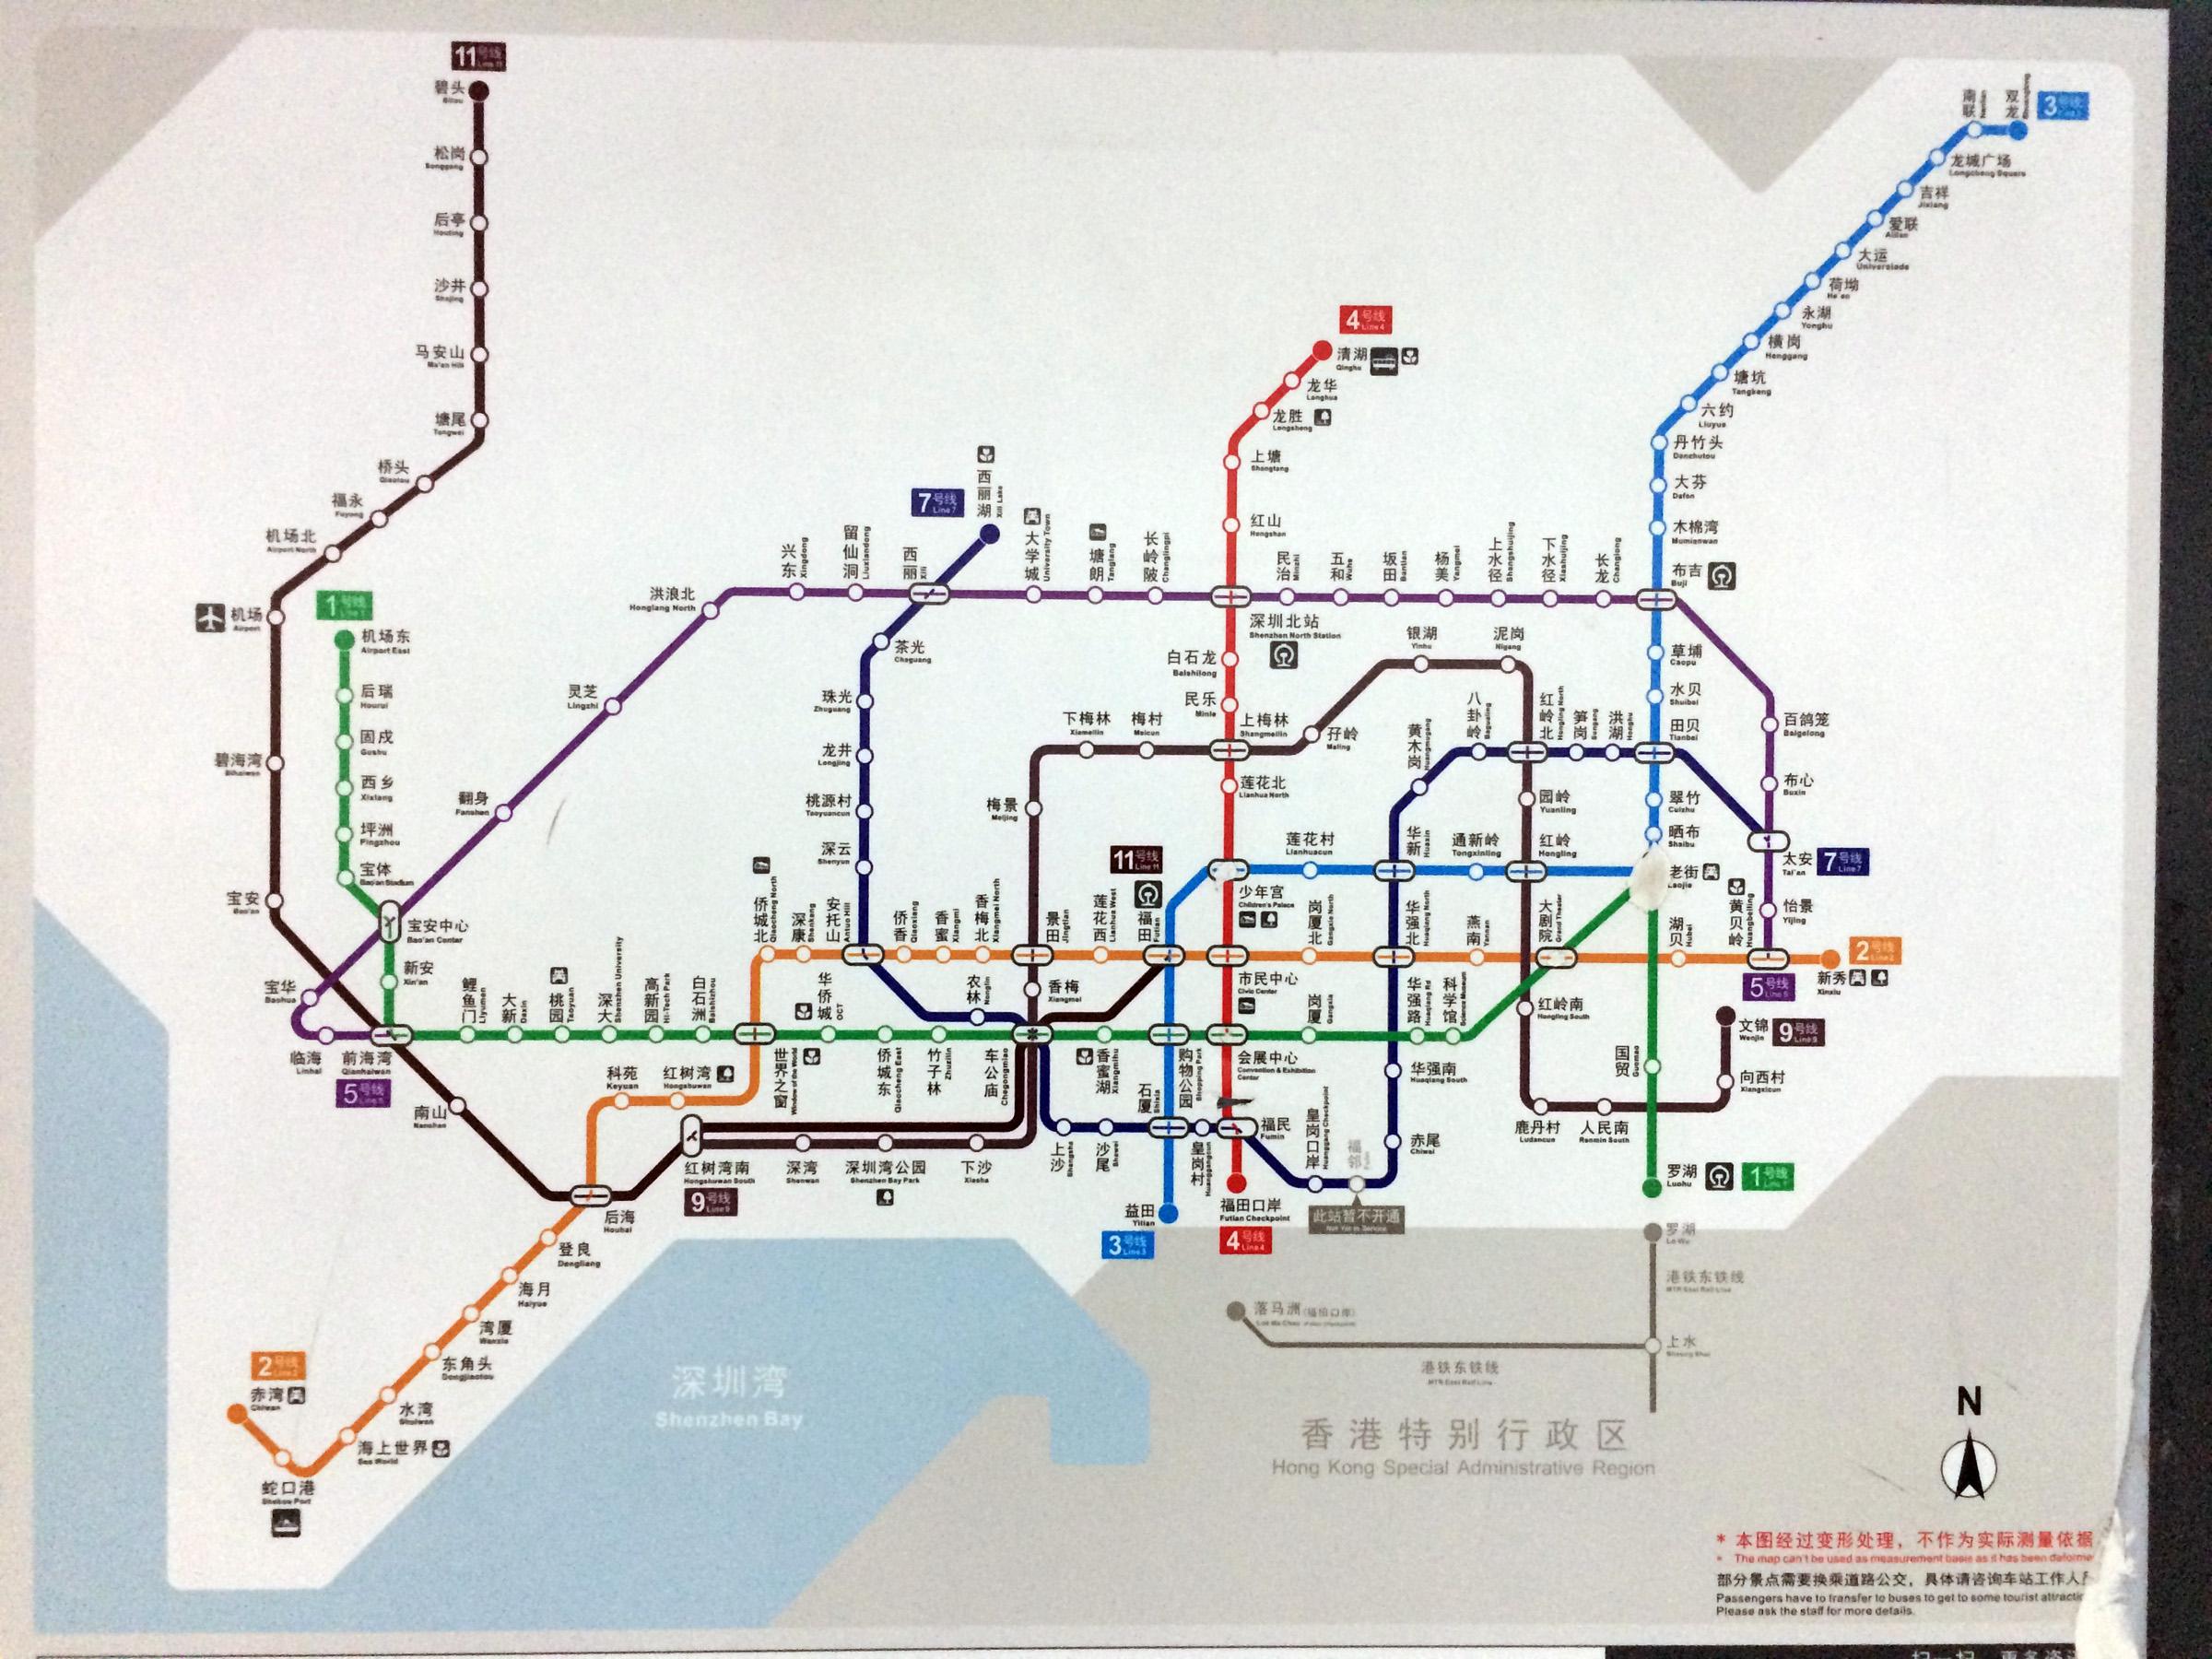 Urbanrail Net  U0026gt  Asia  U0026gt  China  U0026gt  Shenzhen Subway